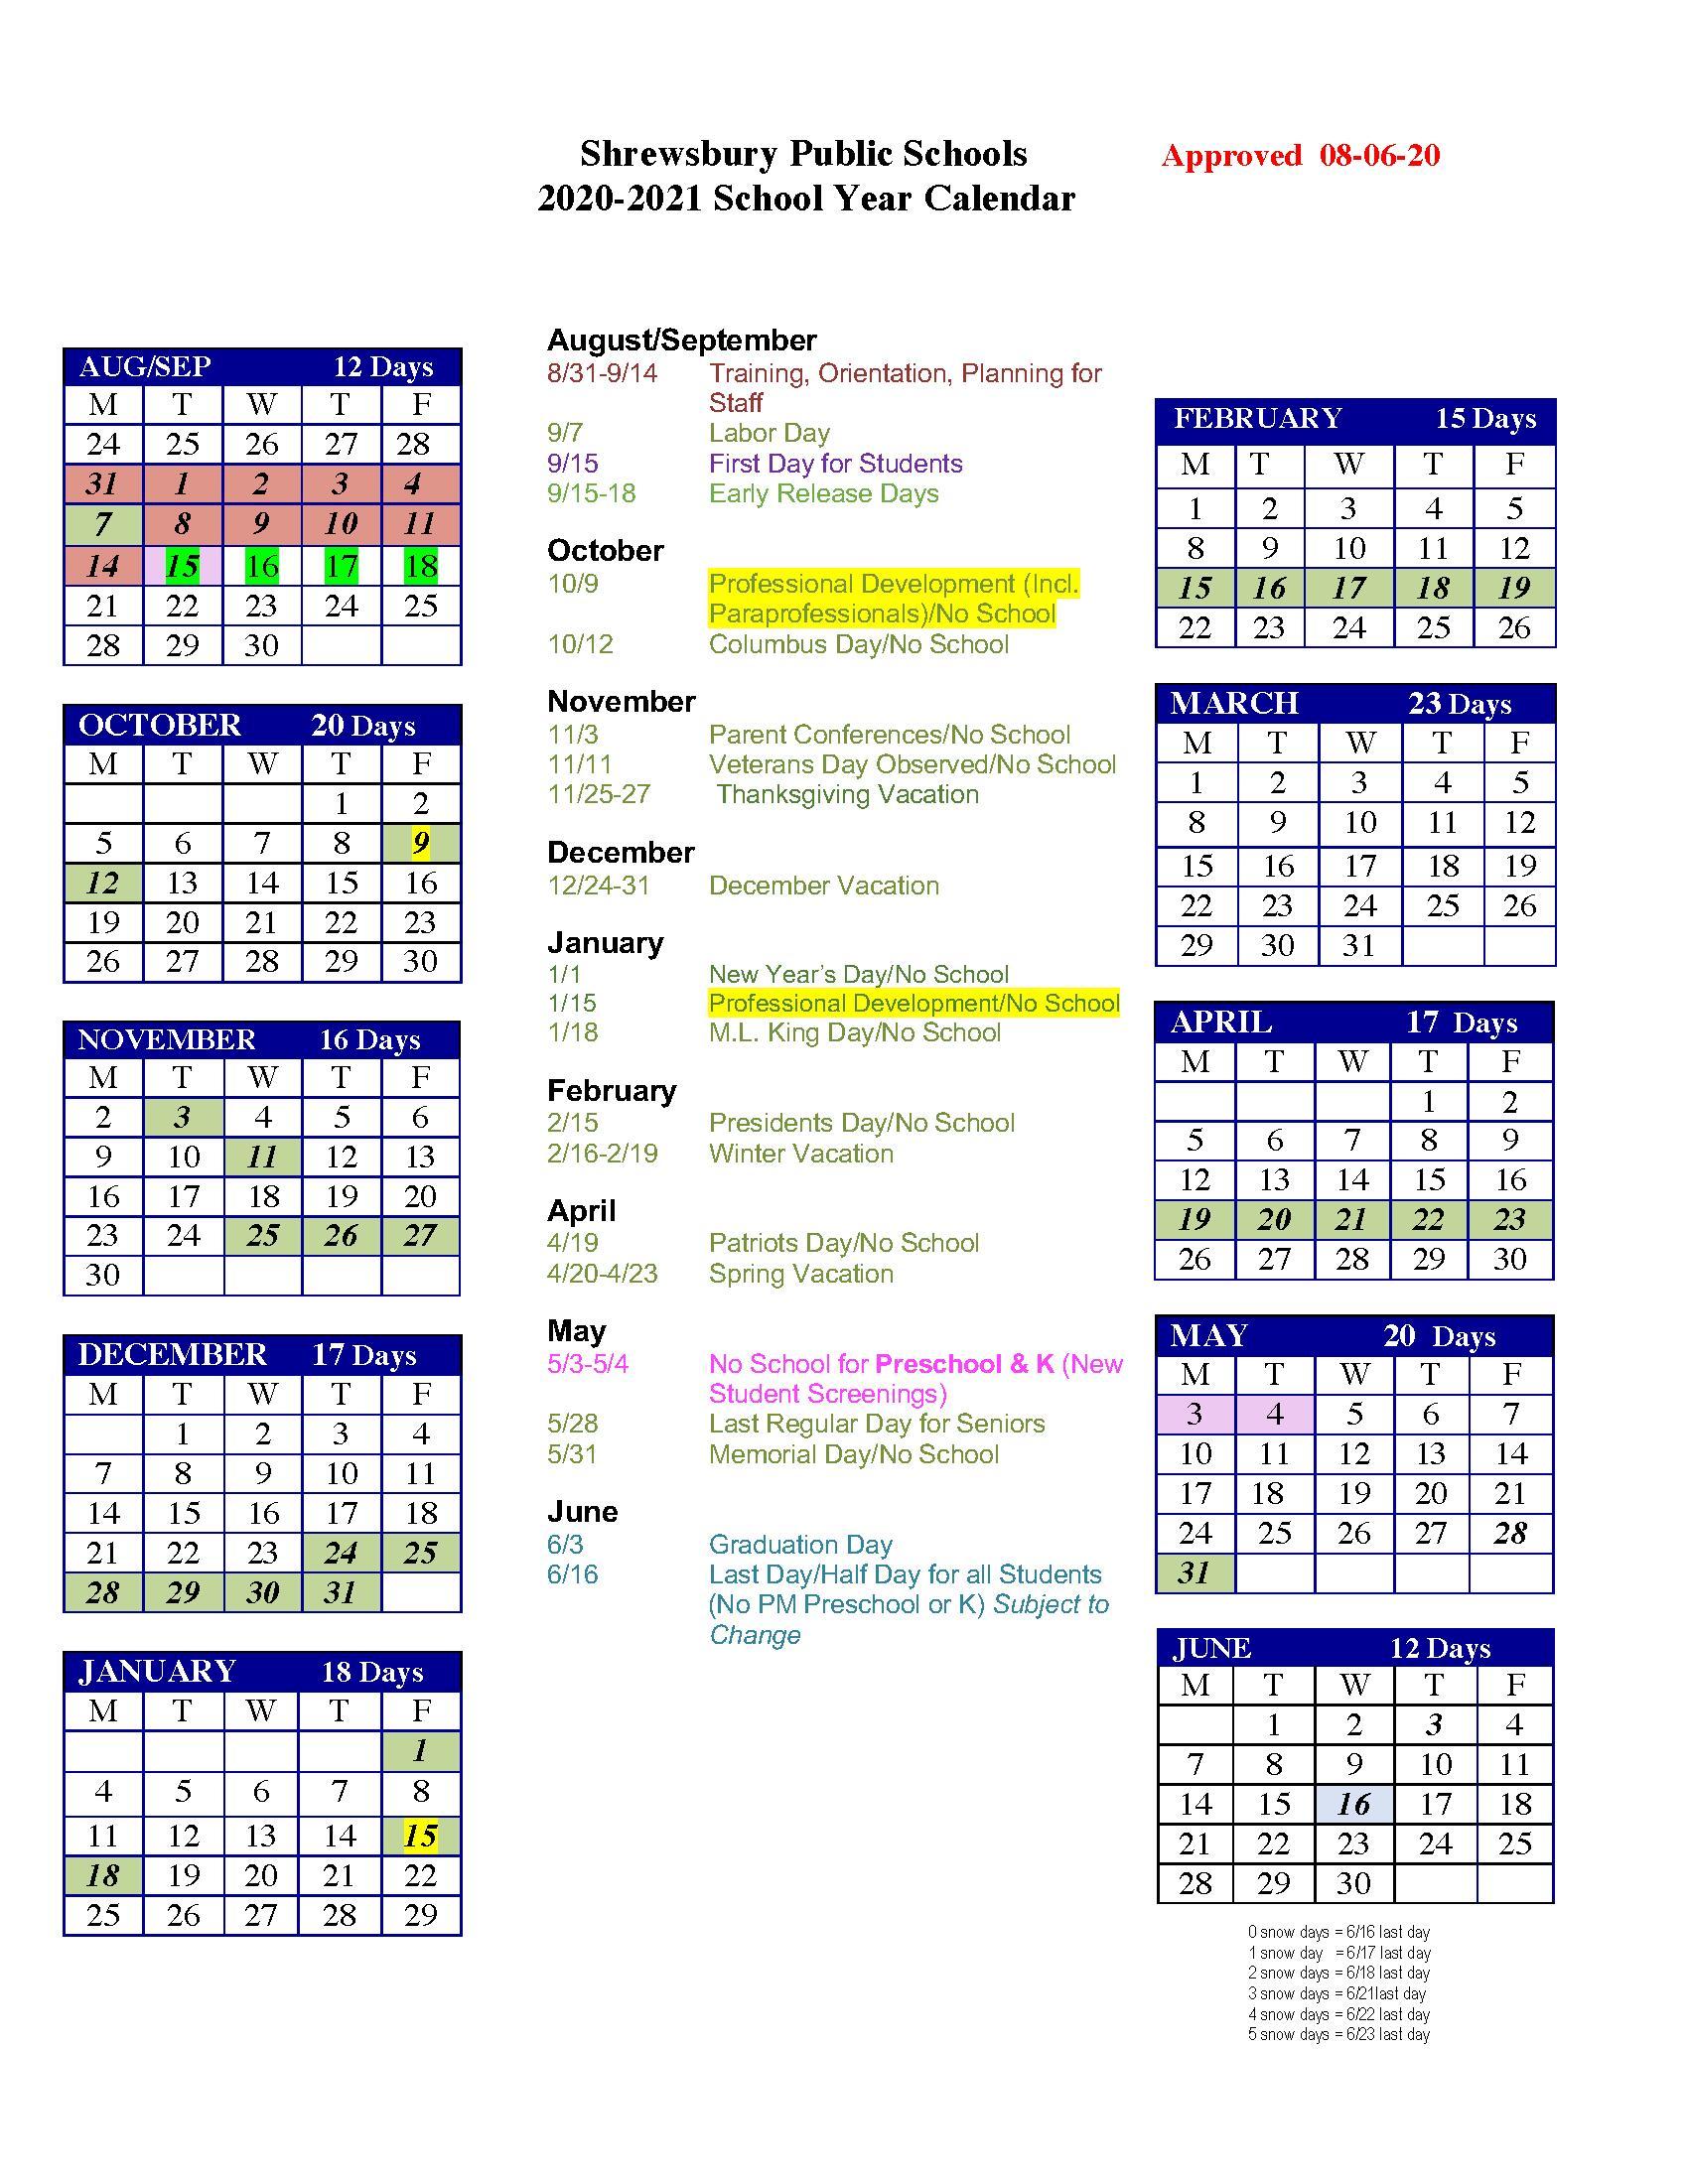 Akron Public Schools Calendar 2022.A K R O N P U B L I C S C H O O L S C A L E N D A R 2 0 2 0 2 1 Zonealarm Results